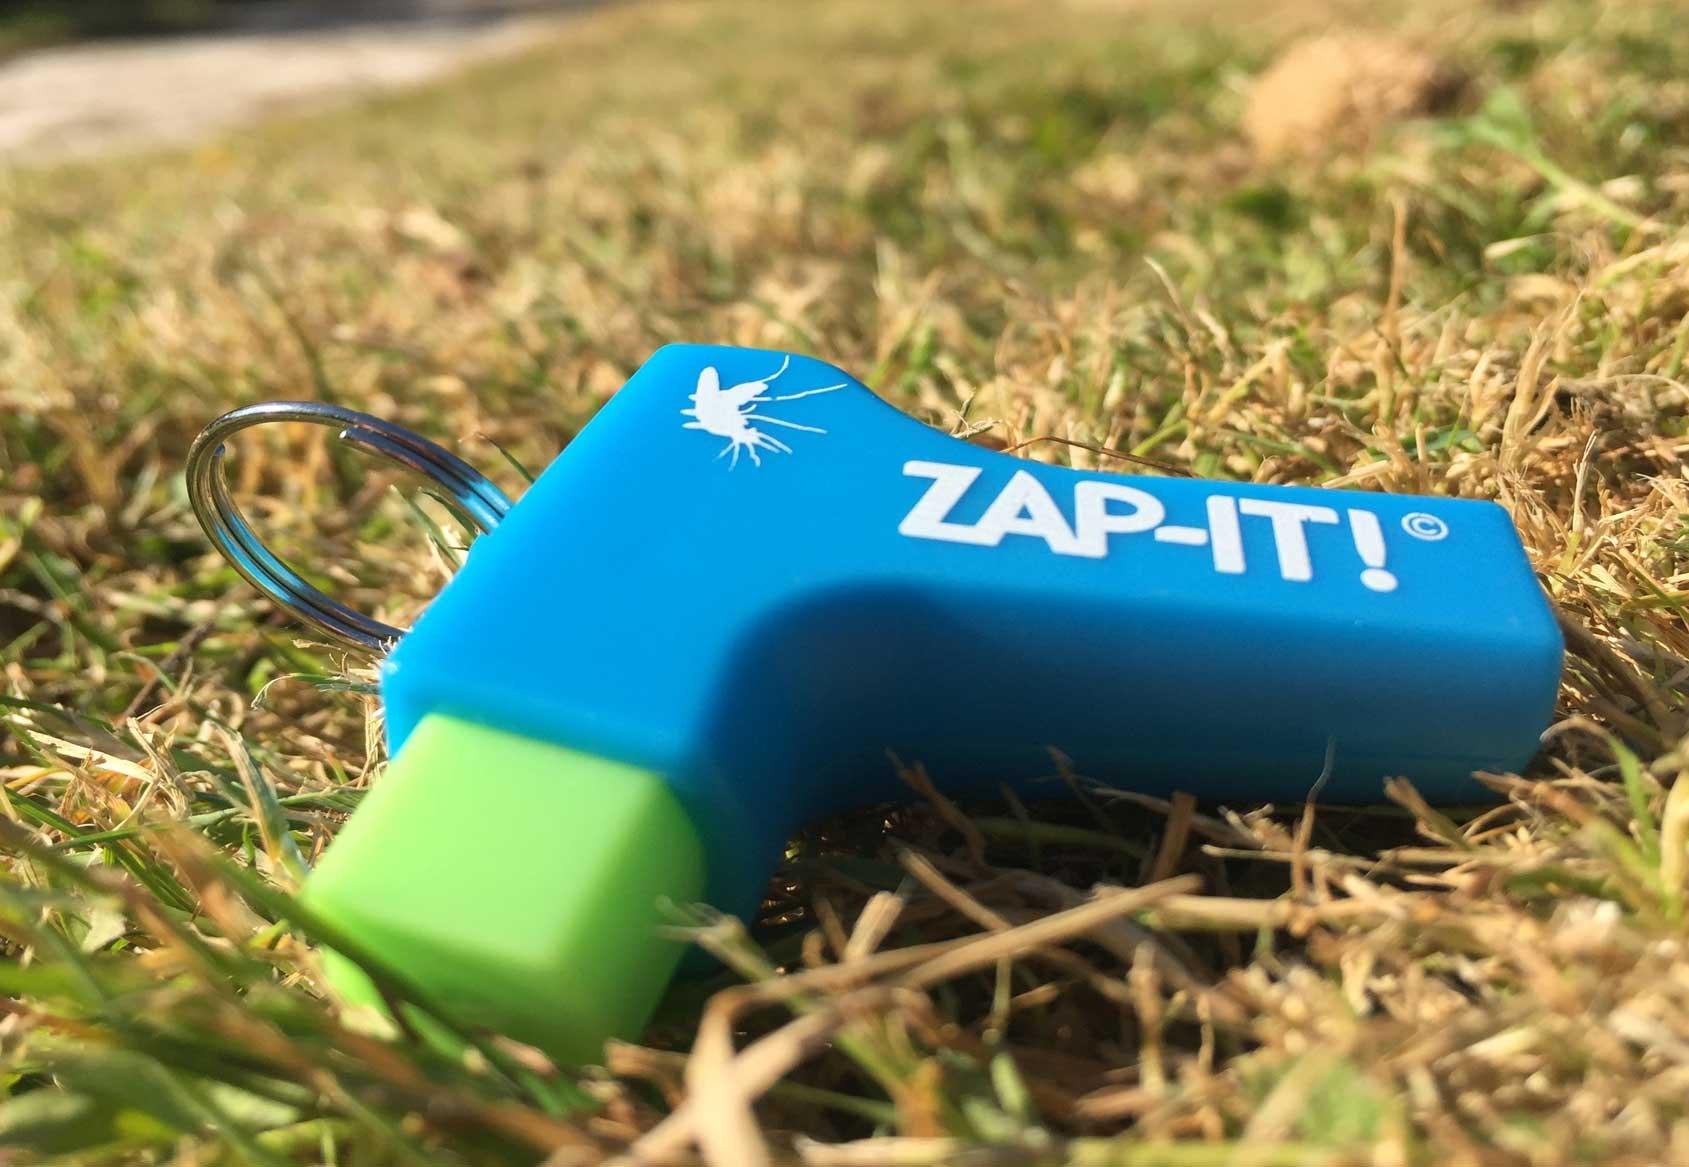 Zap it blue hr